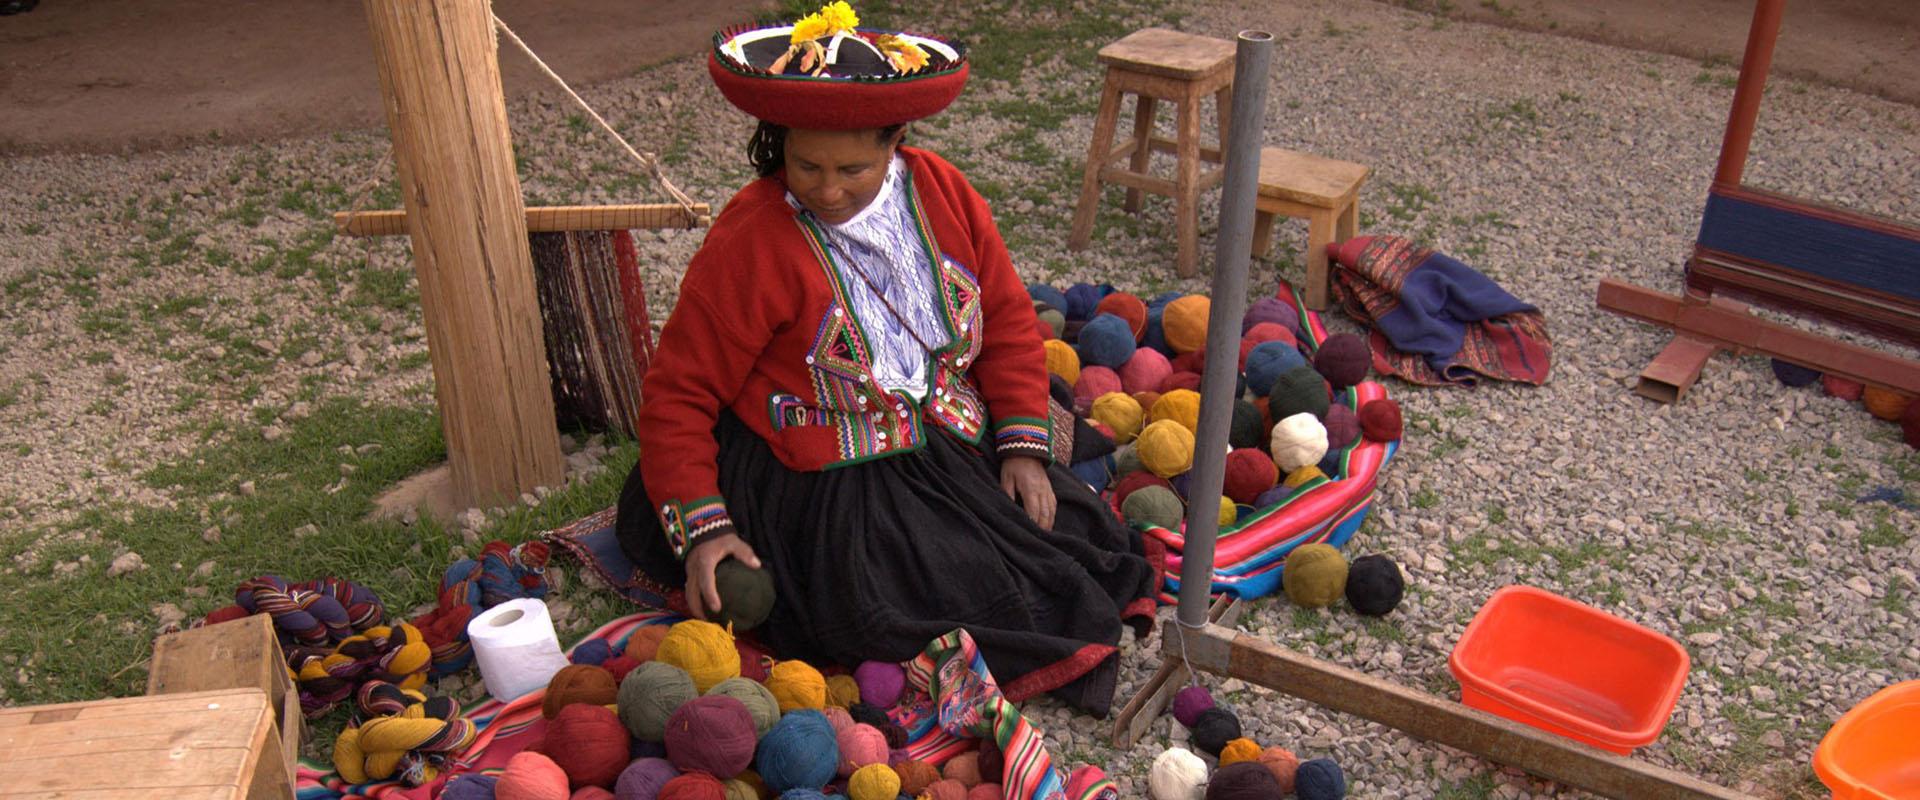 Viajes a Machu Picchu Peru